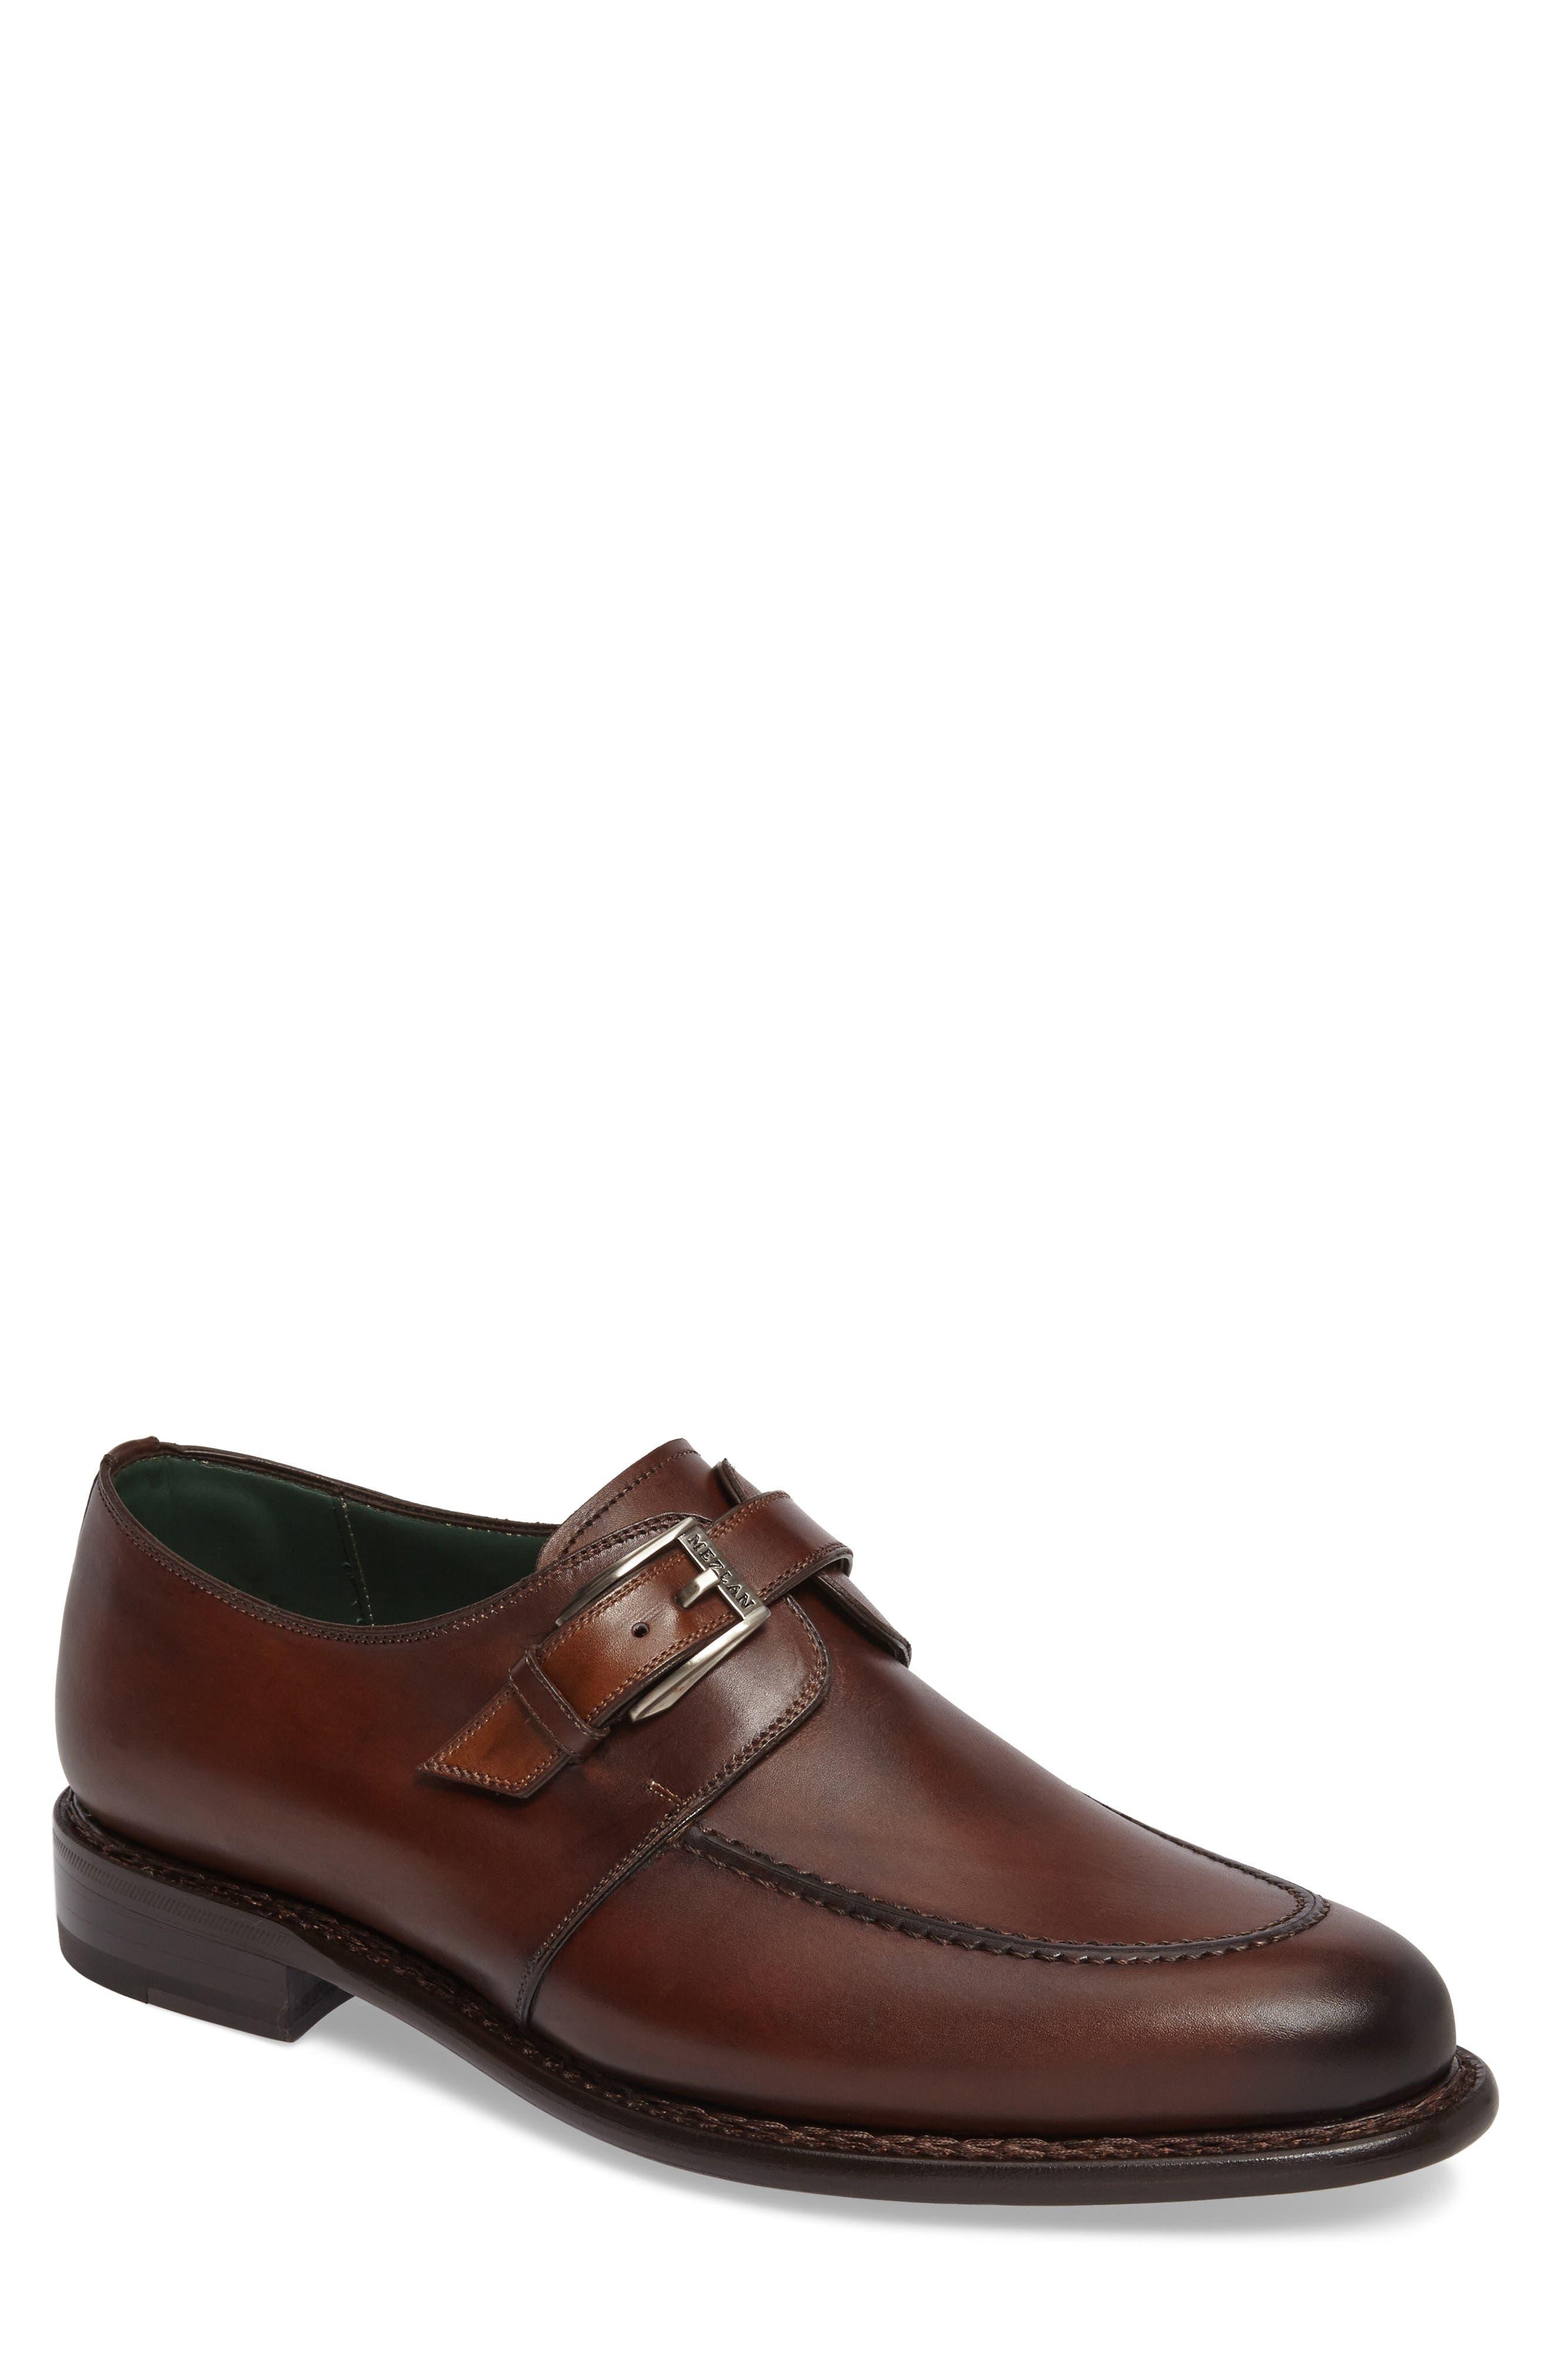 Aguilar Monk Strap Shoe,                             Main thumbnail 1, color,                             Cognac Leather